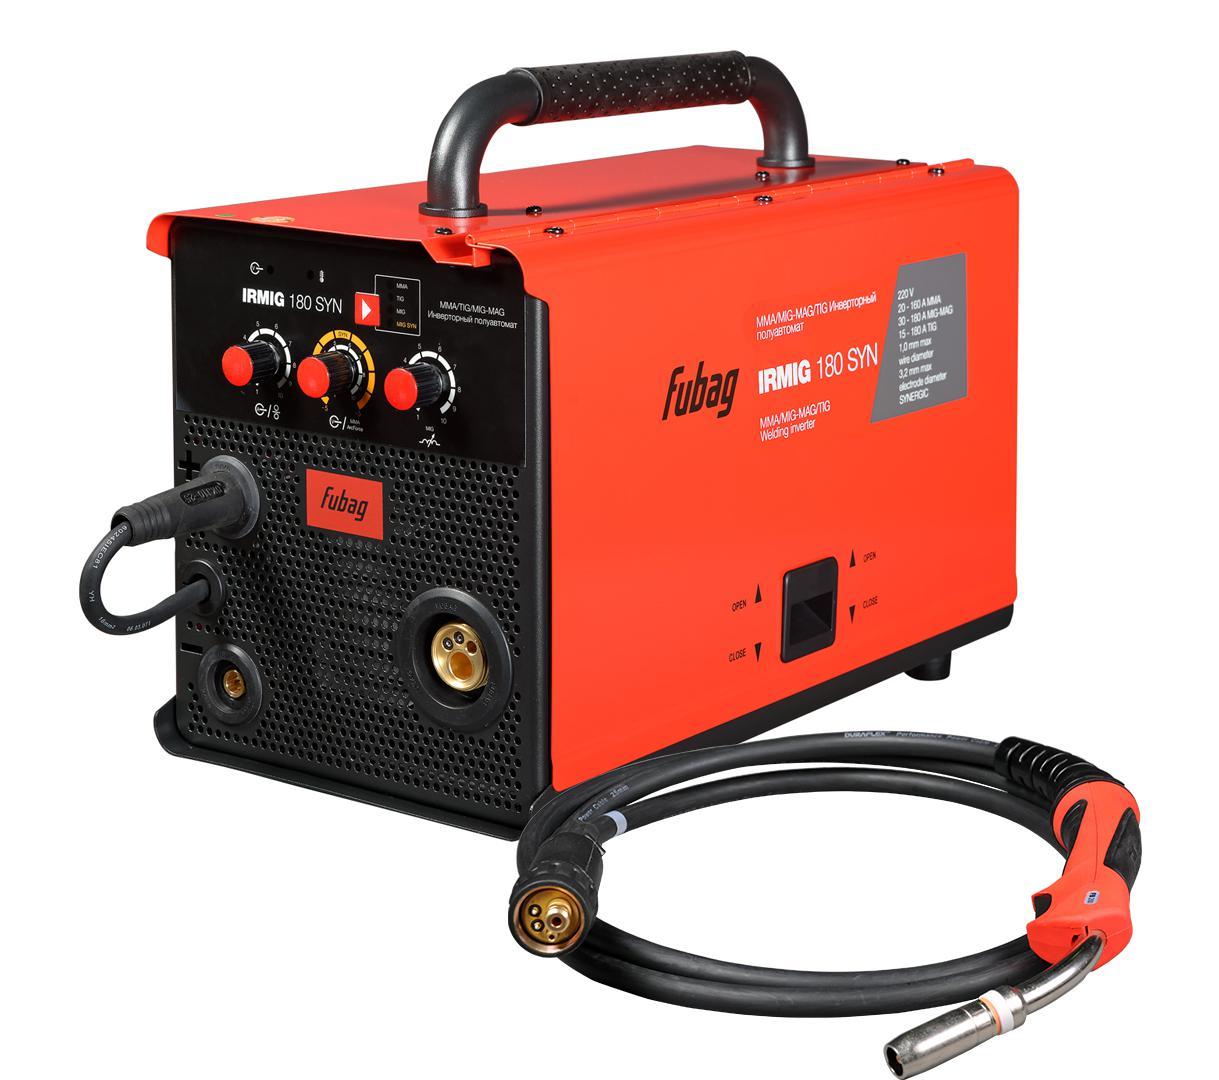 Сварочный полуавтомат Fubag Irmig 180 syn (38642) + горелка fb 250 3 м (38443) инвертор+горелка сварочный полуавтомат fubag irmig 160 38607 горелка fb 150 3 м инвертор